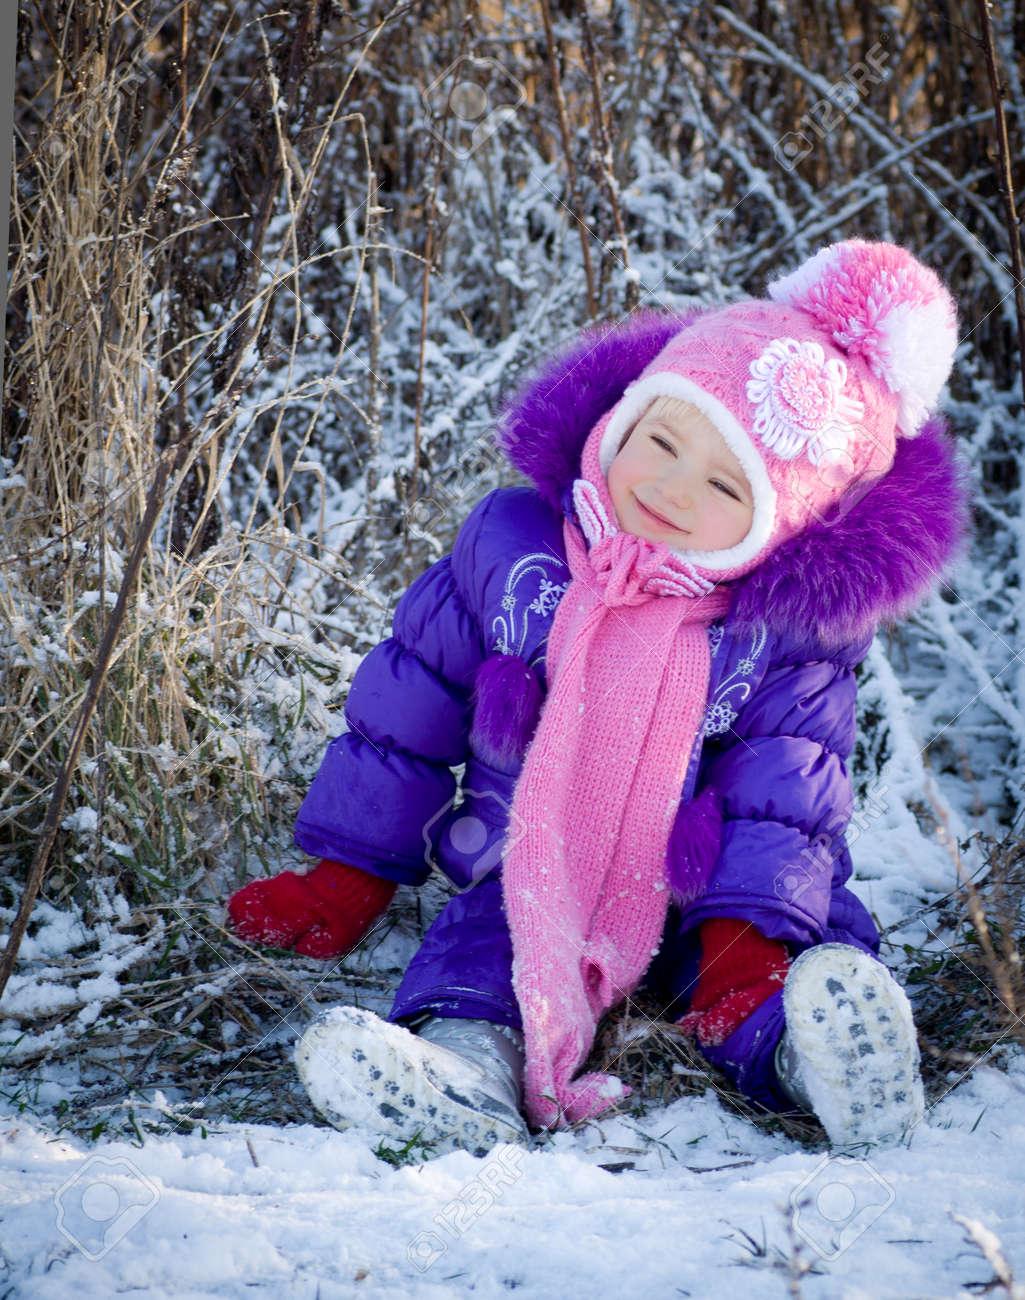 Portrait of happy little girl in snowy landscape - 24370456